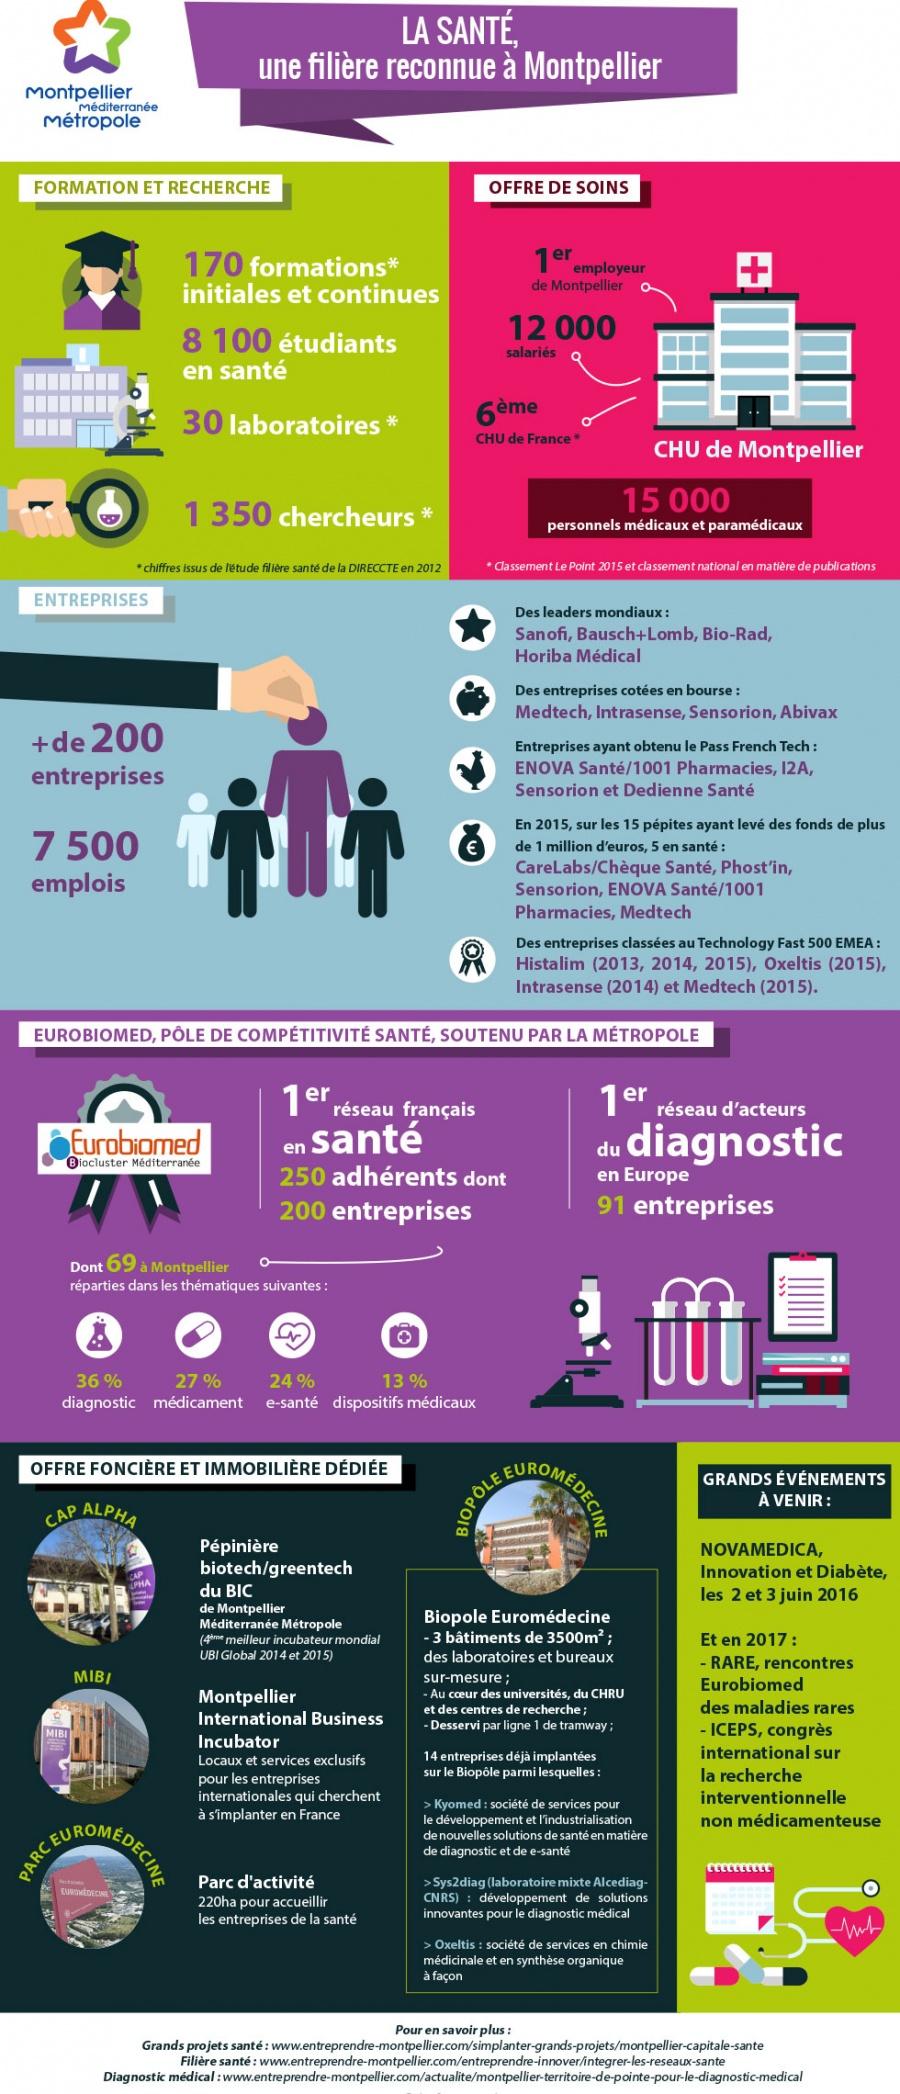 La santé, une filière reconnue à Montpellier